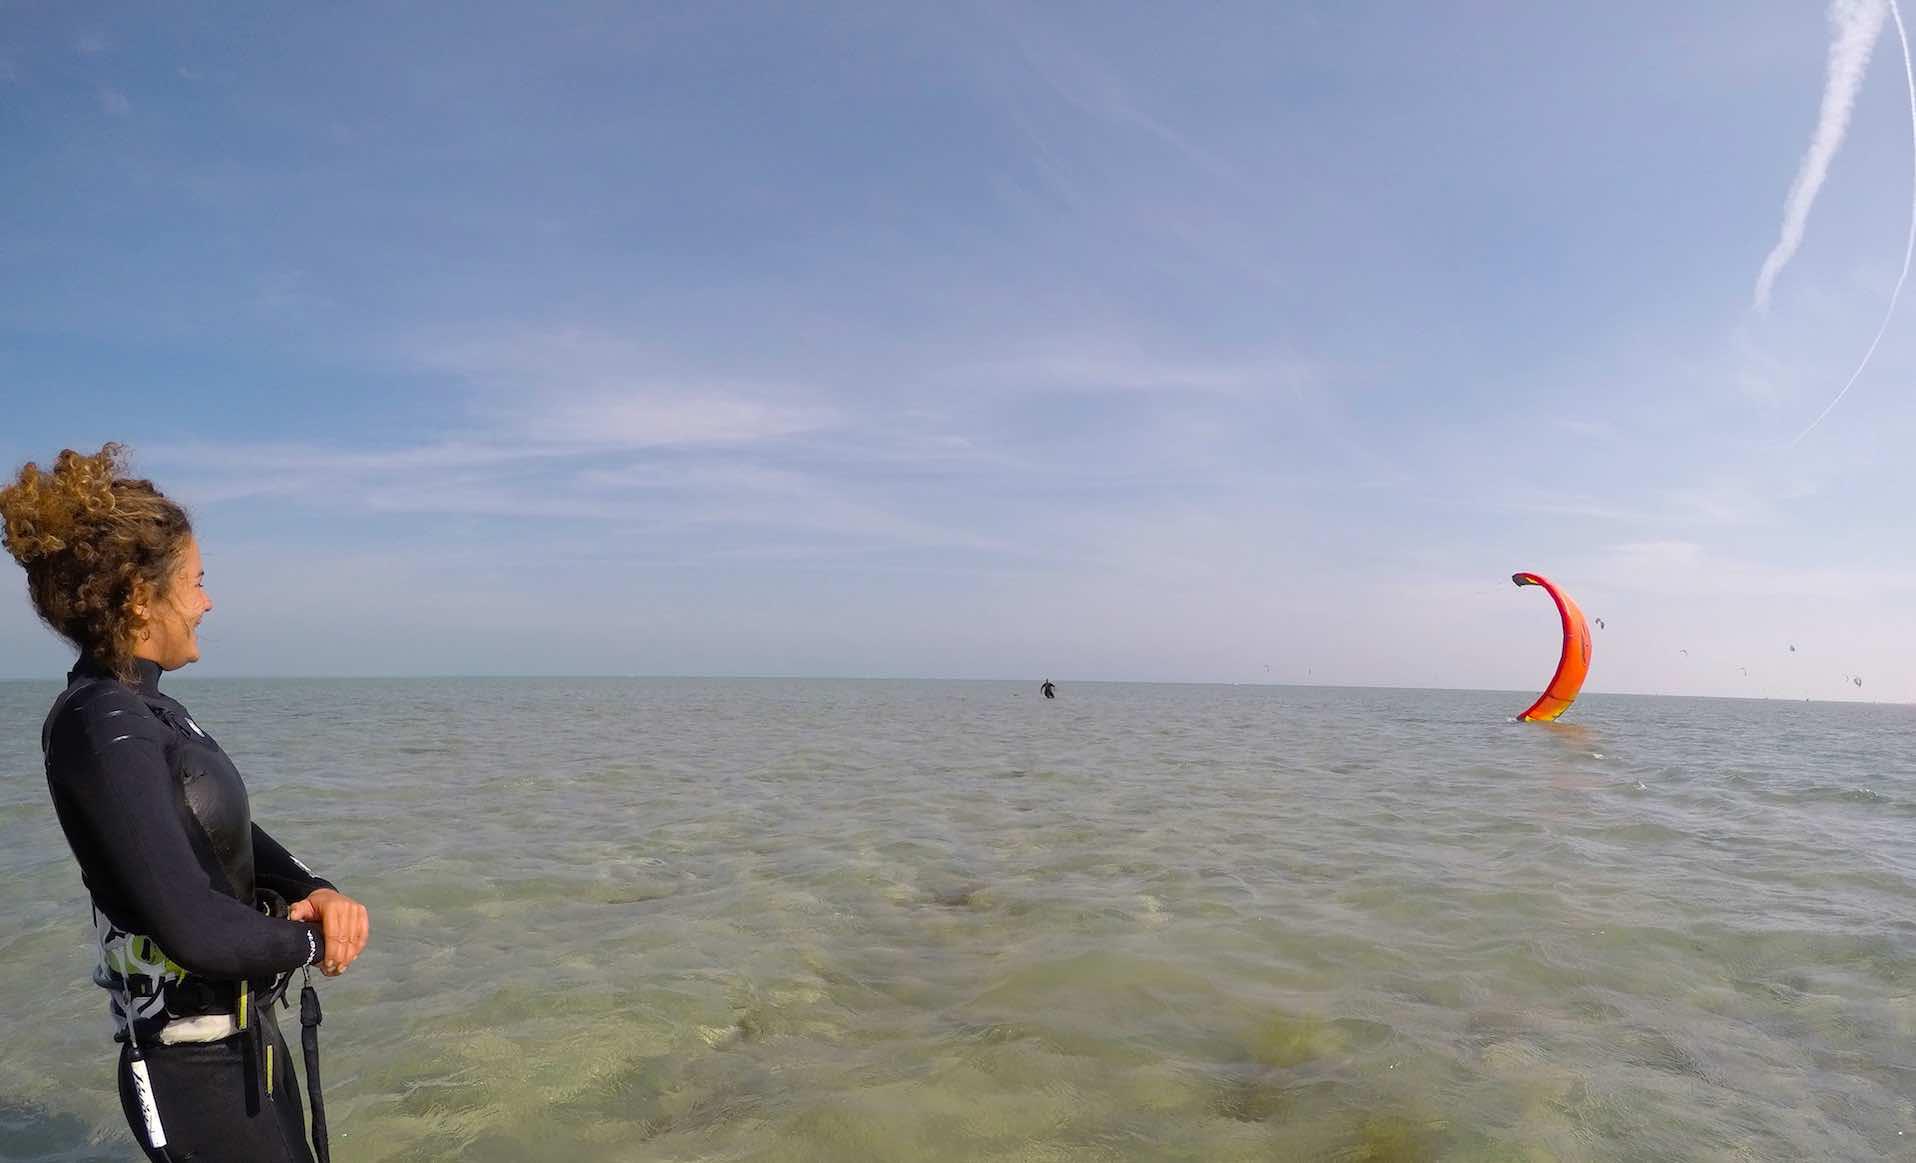 Kitesurfing events for girls